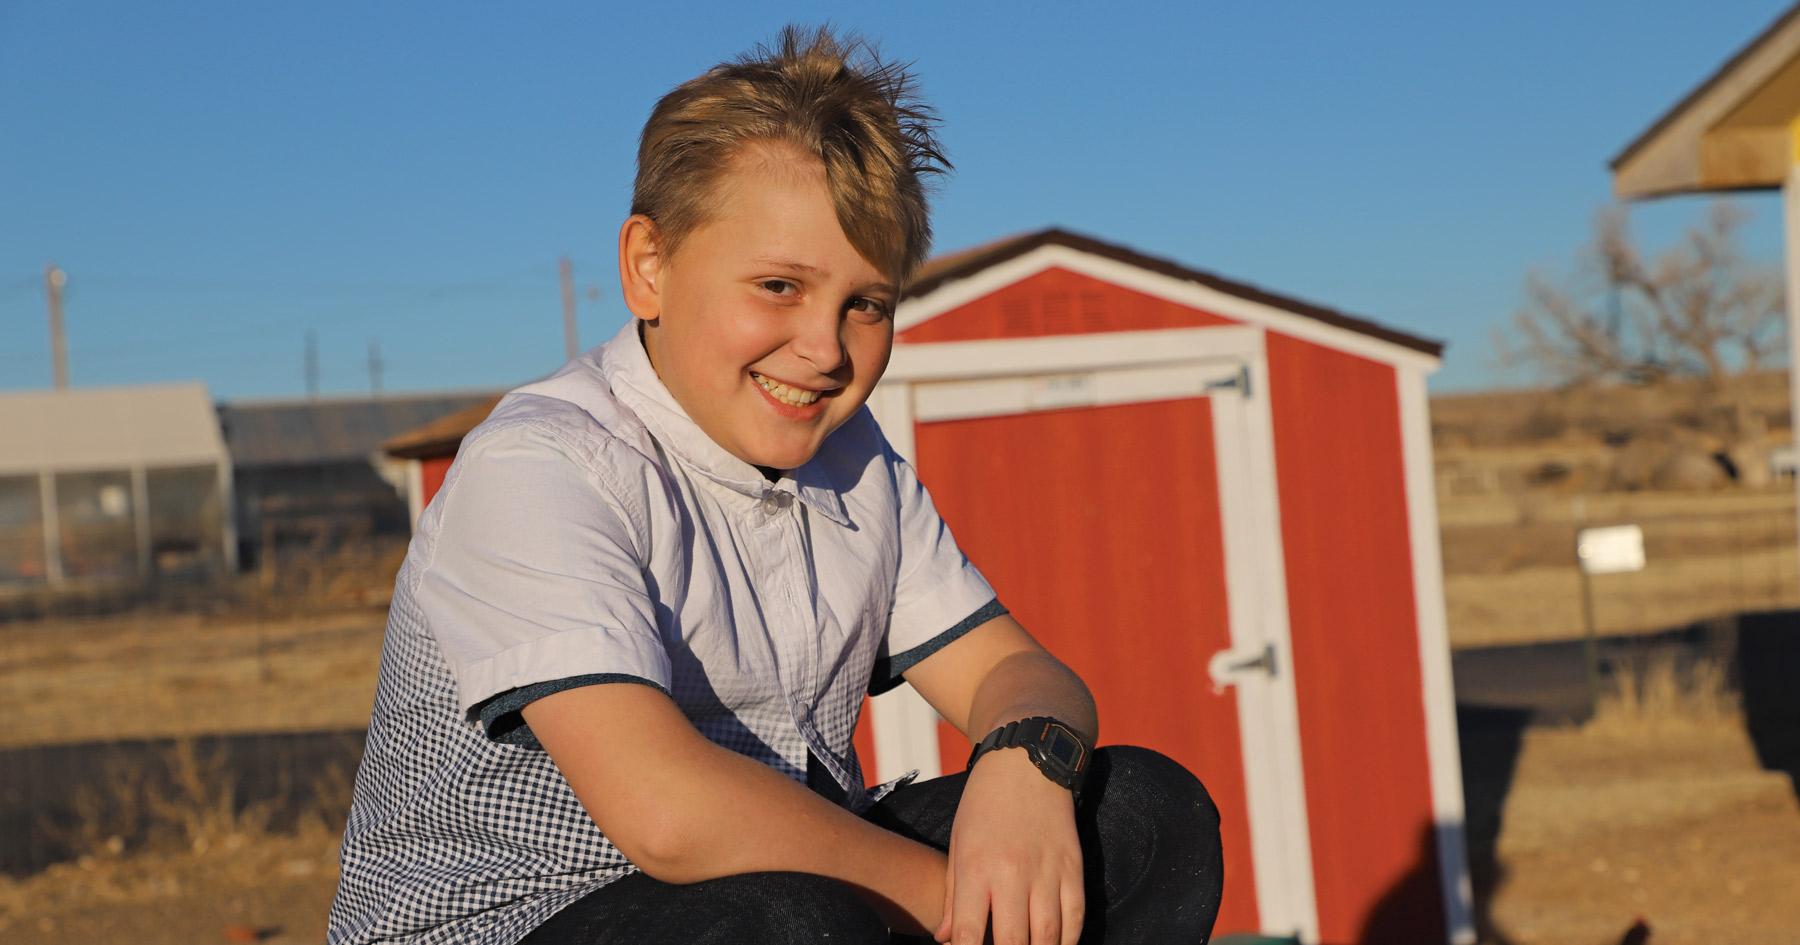 William, 10